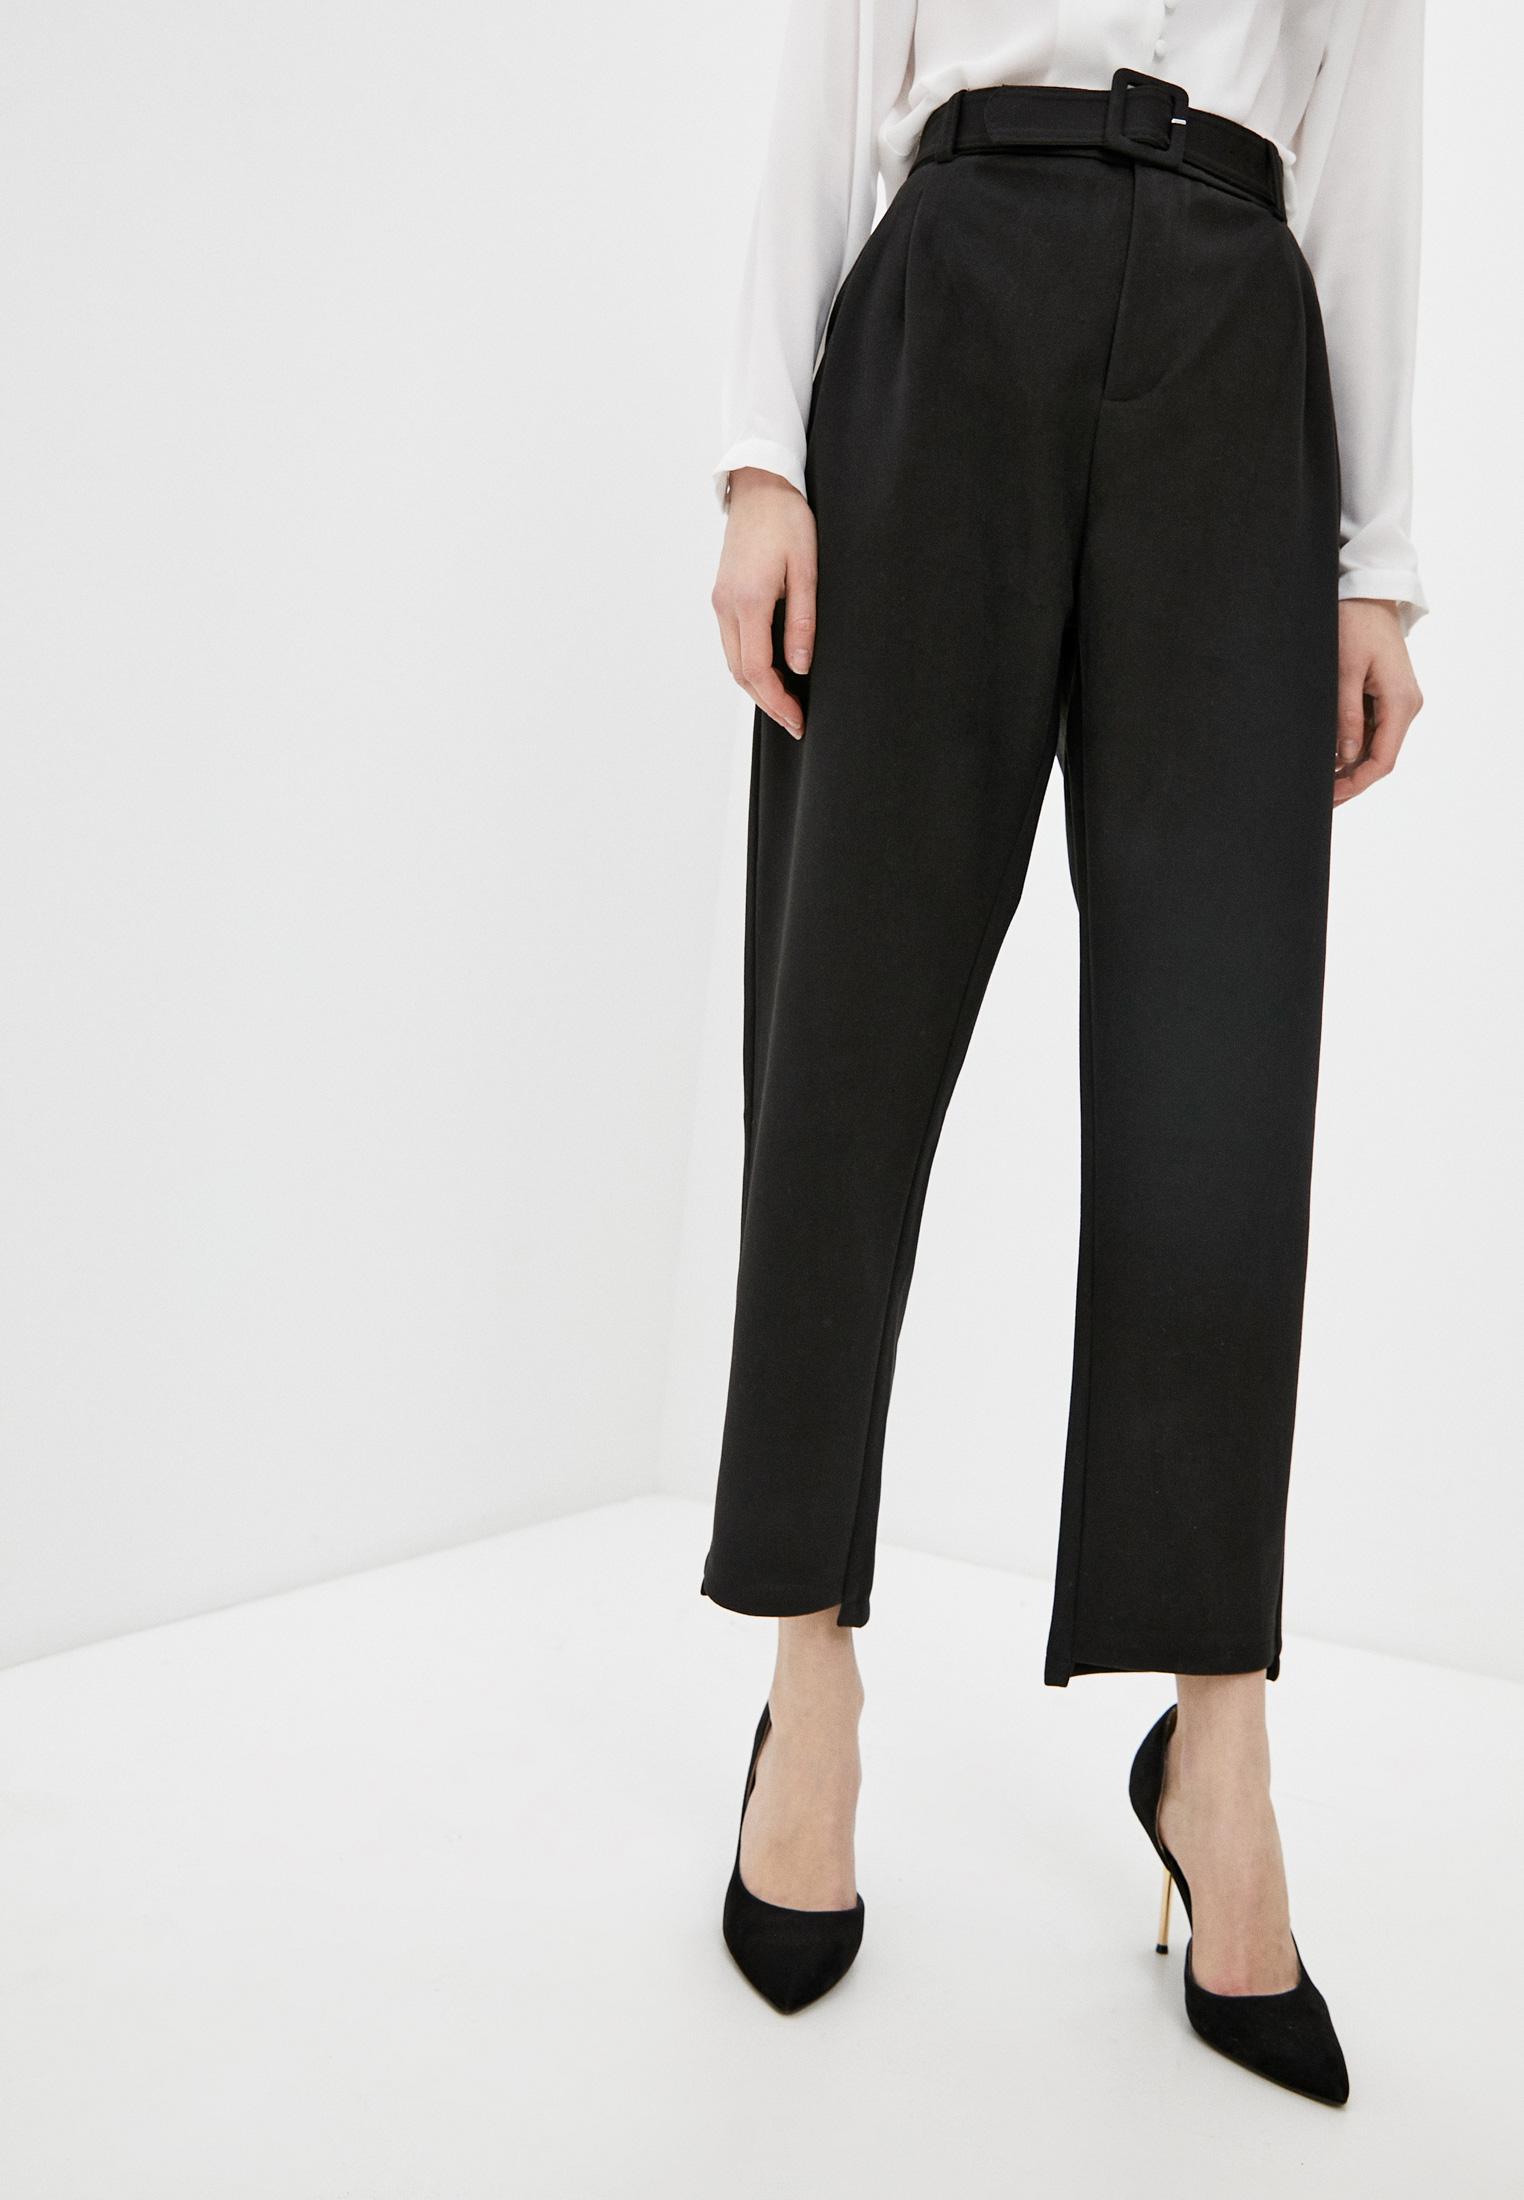 Женские классические брюки Chic de Femme Брюки Chic de Femme